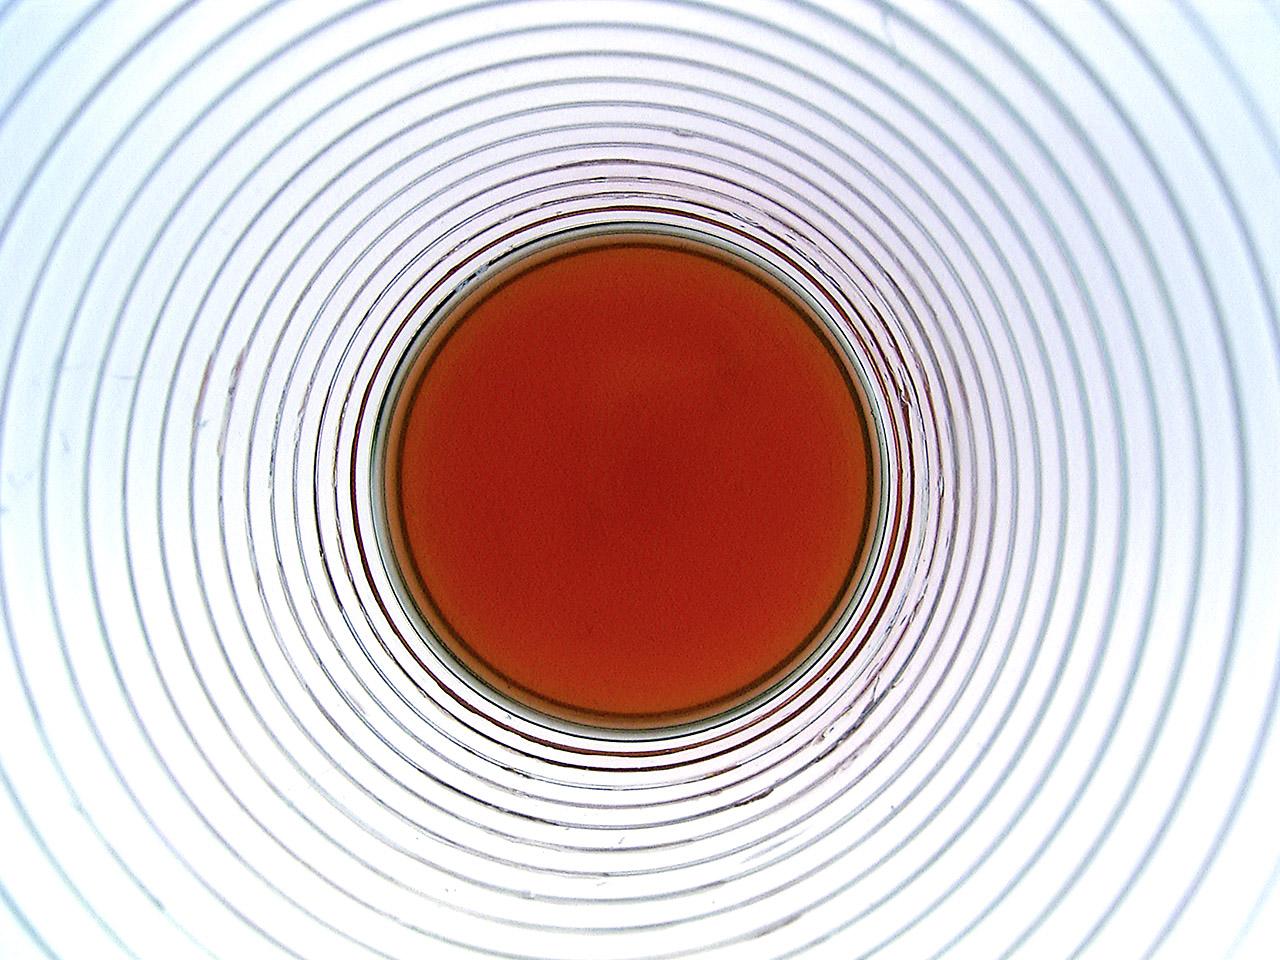 Trinklicht Glas | © Mio Schweiger Fotografie